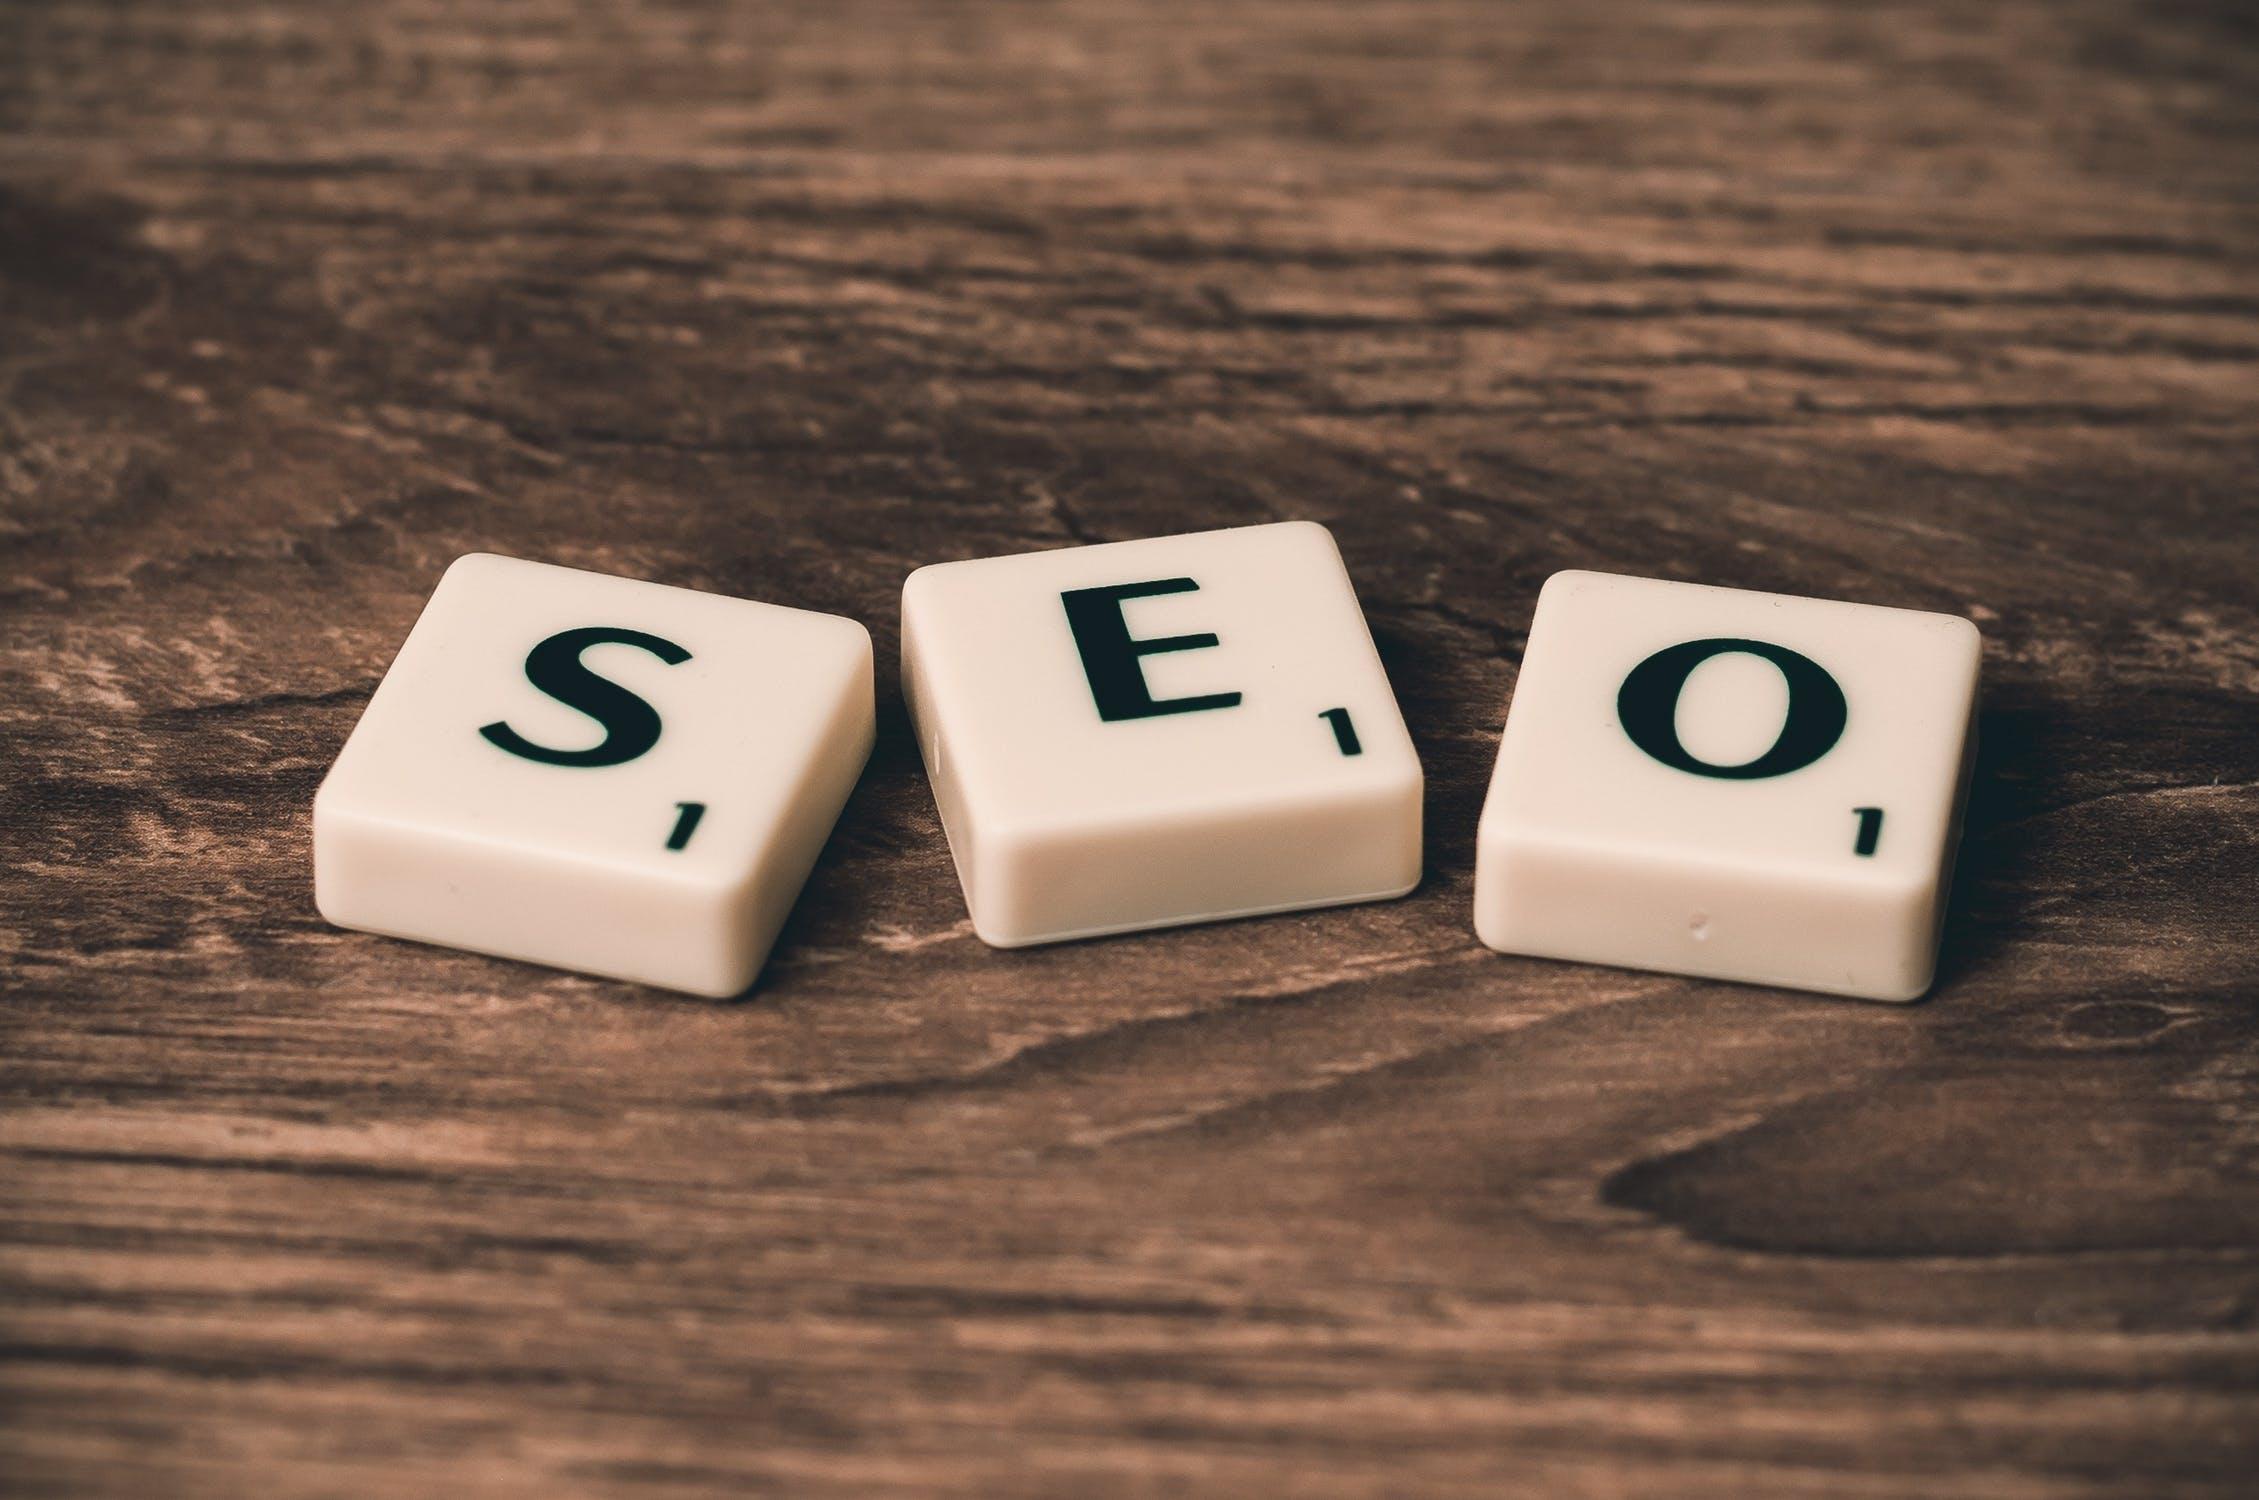 SEO in E-commerce websites